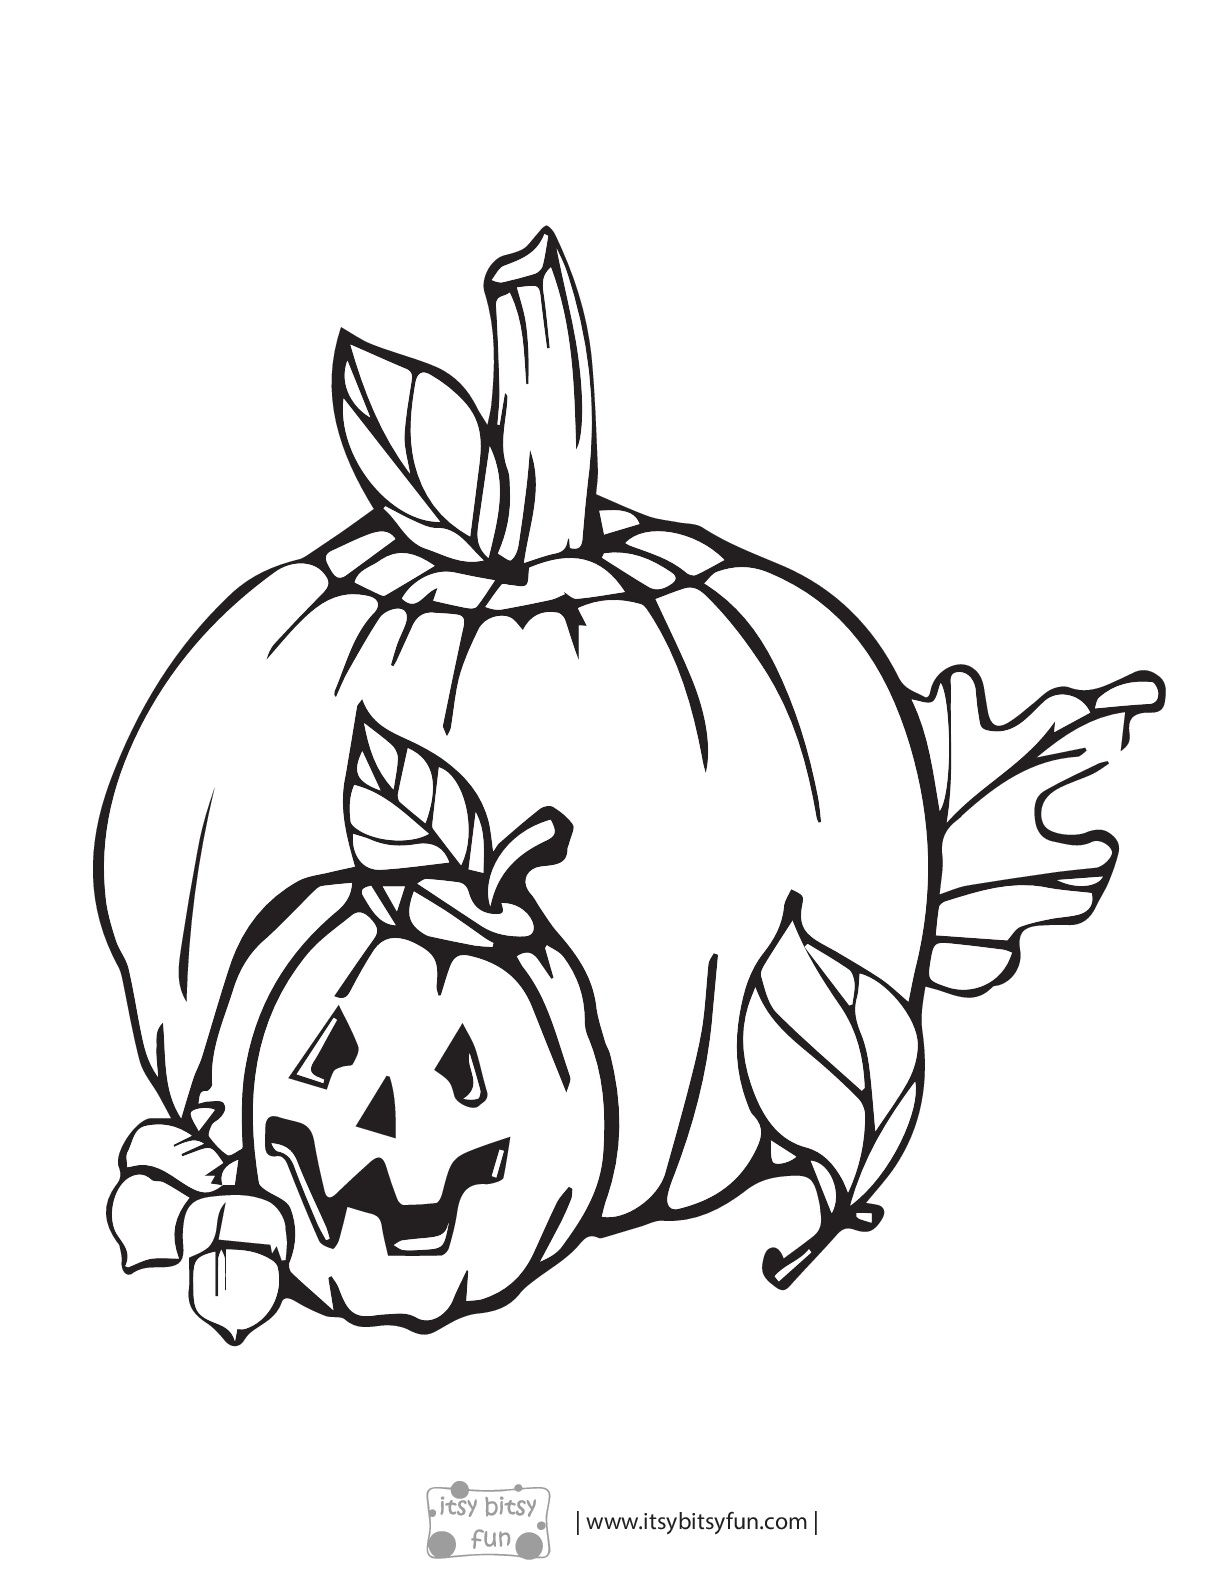 Pin Von Katya Osinskaya Auf Coloring Prazdniki Herbst Ausmalvorlagen Malvorlagen Halloween Ausmalbilder